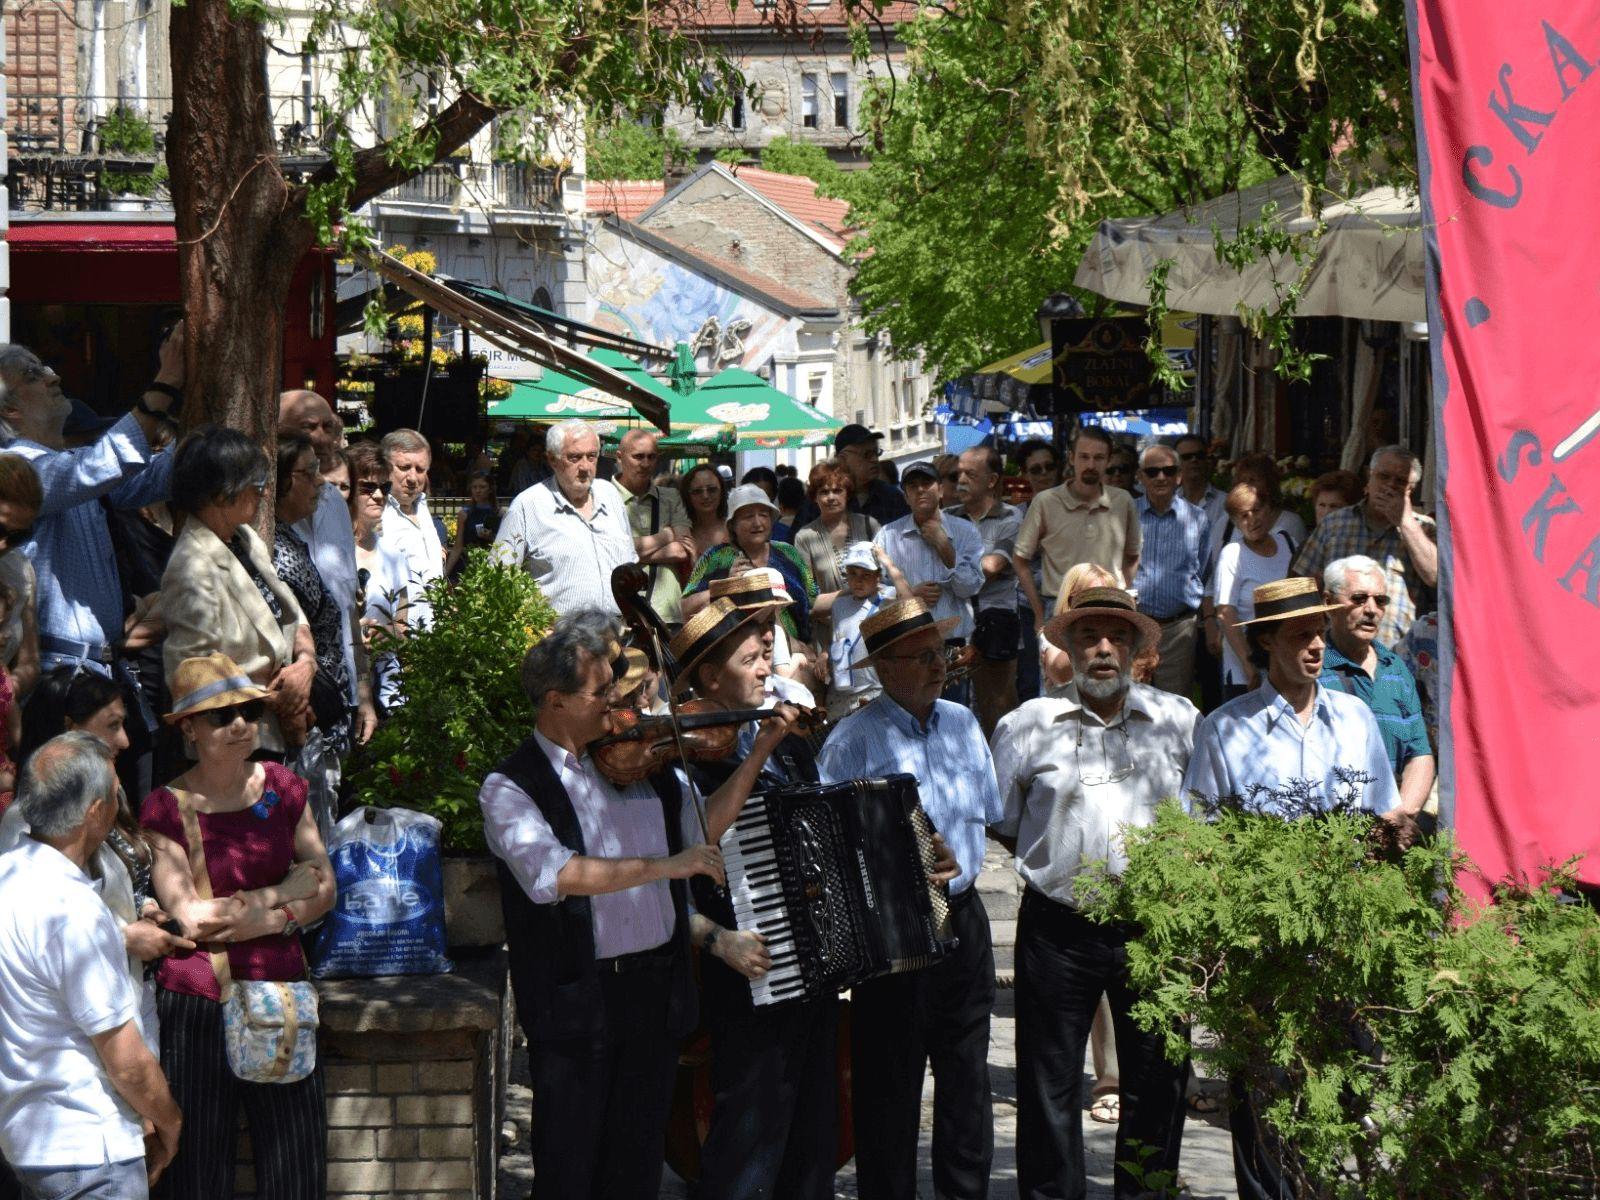 Beograd i Vojvodina: Tamburaši i ciganski trubači